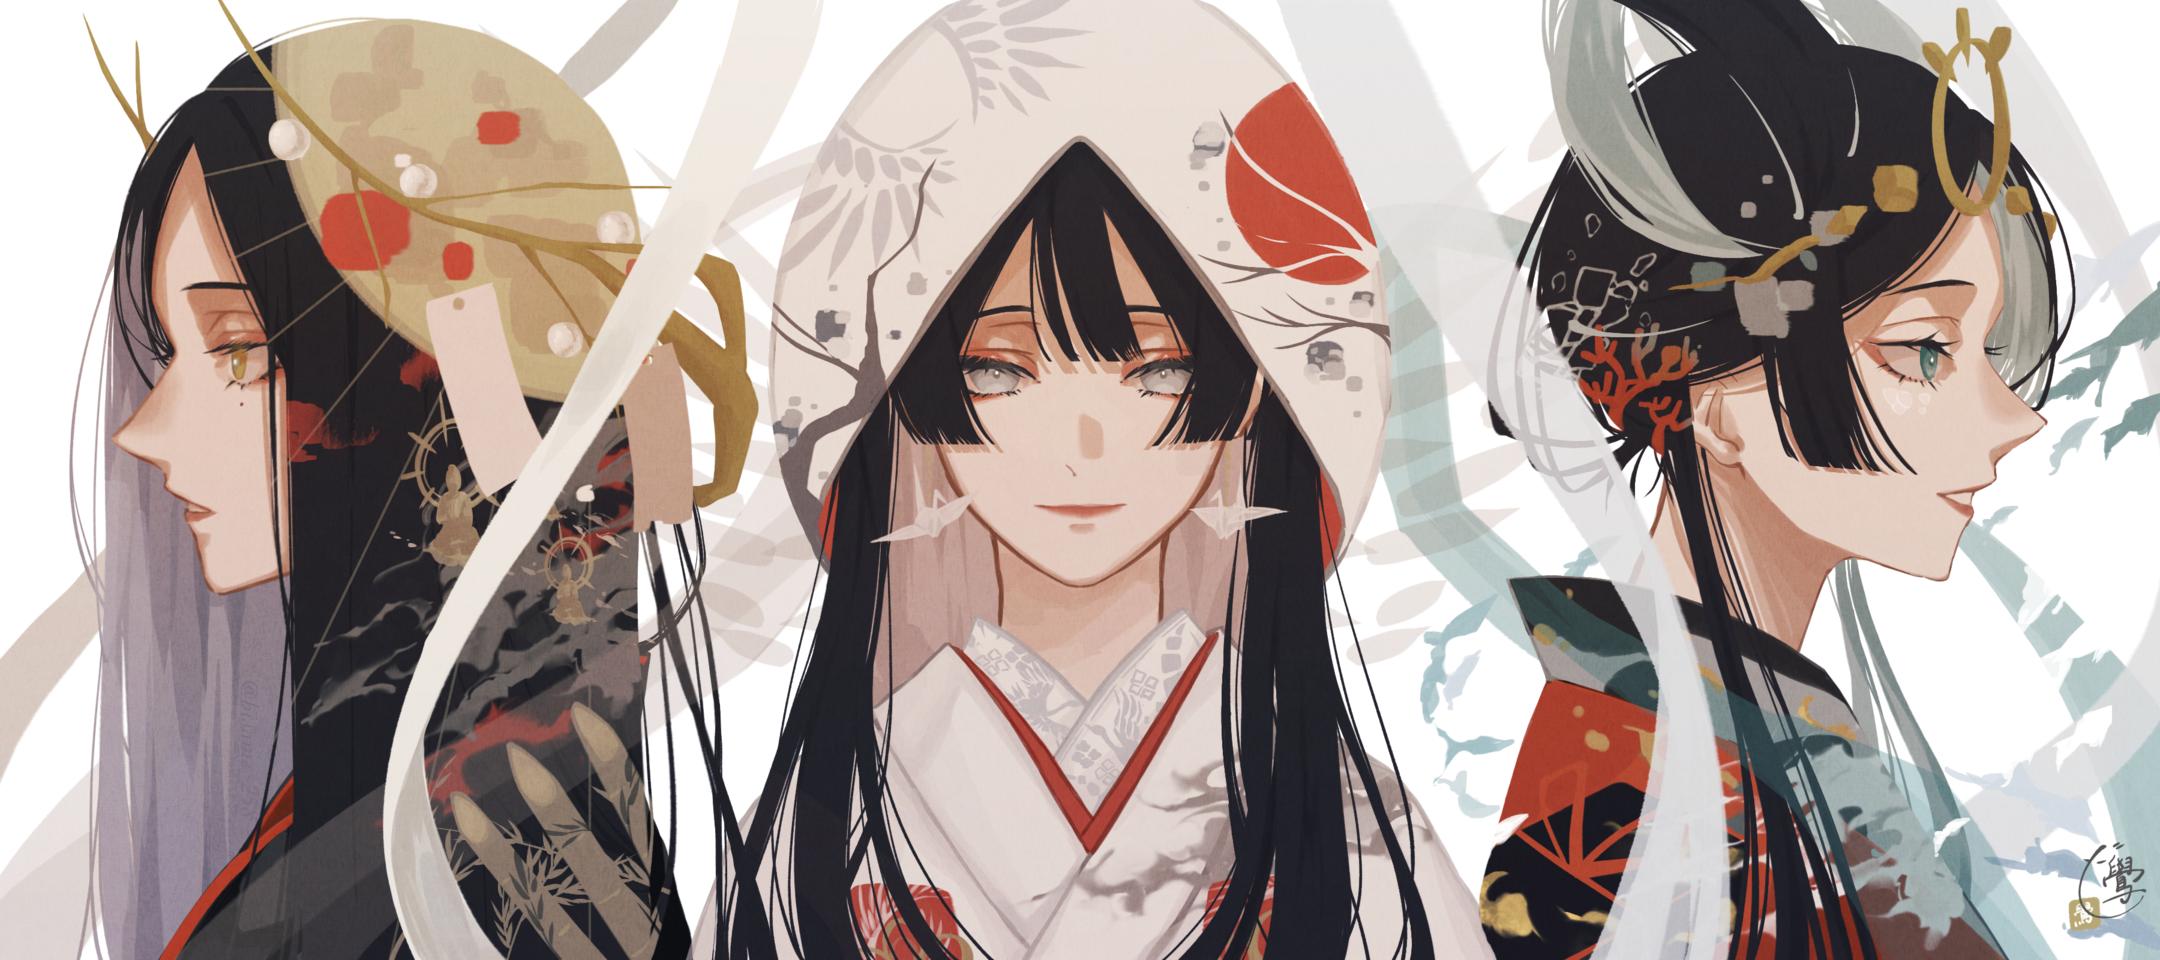 夢か現か幻か Illust of 鷽 Japanese_style original